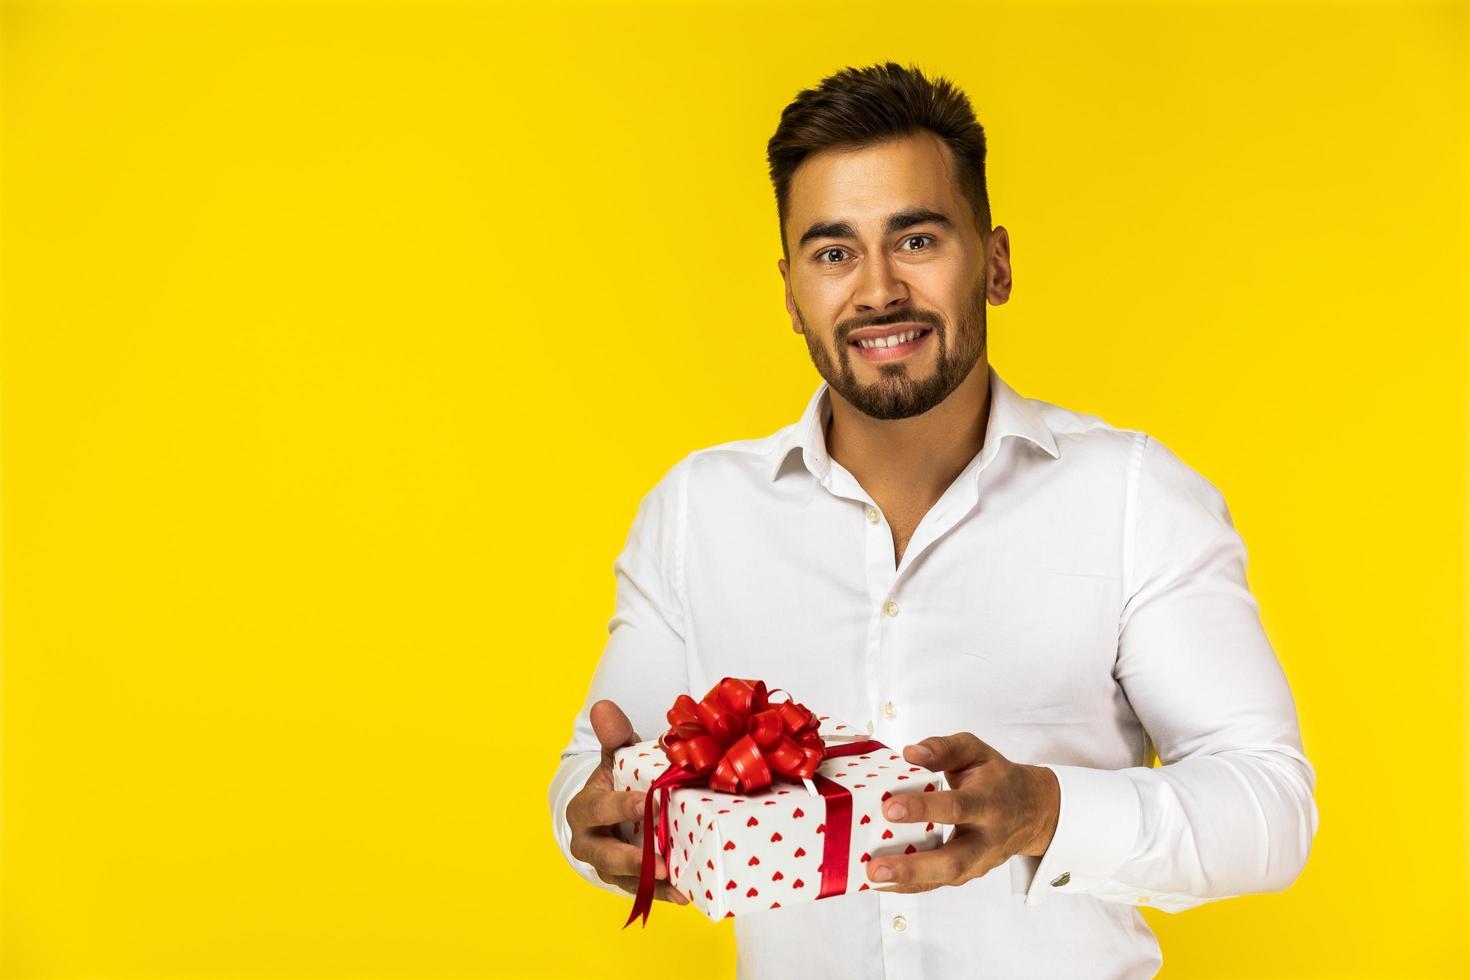 Mann hält ein Geschenk foto